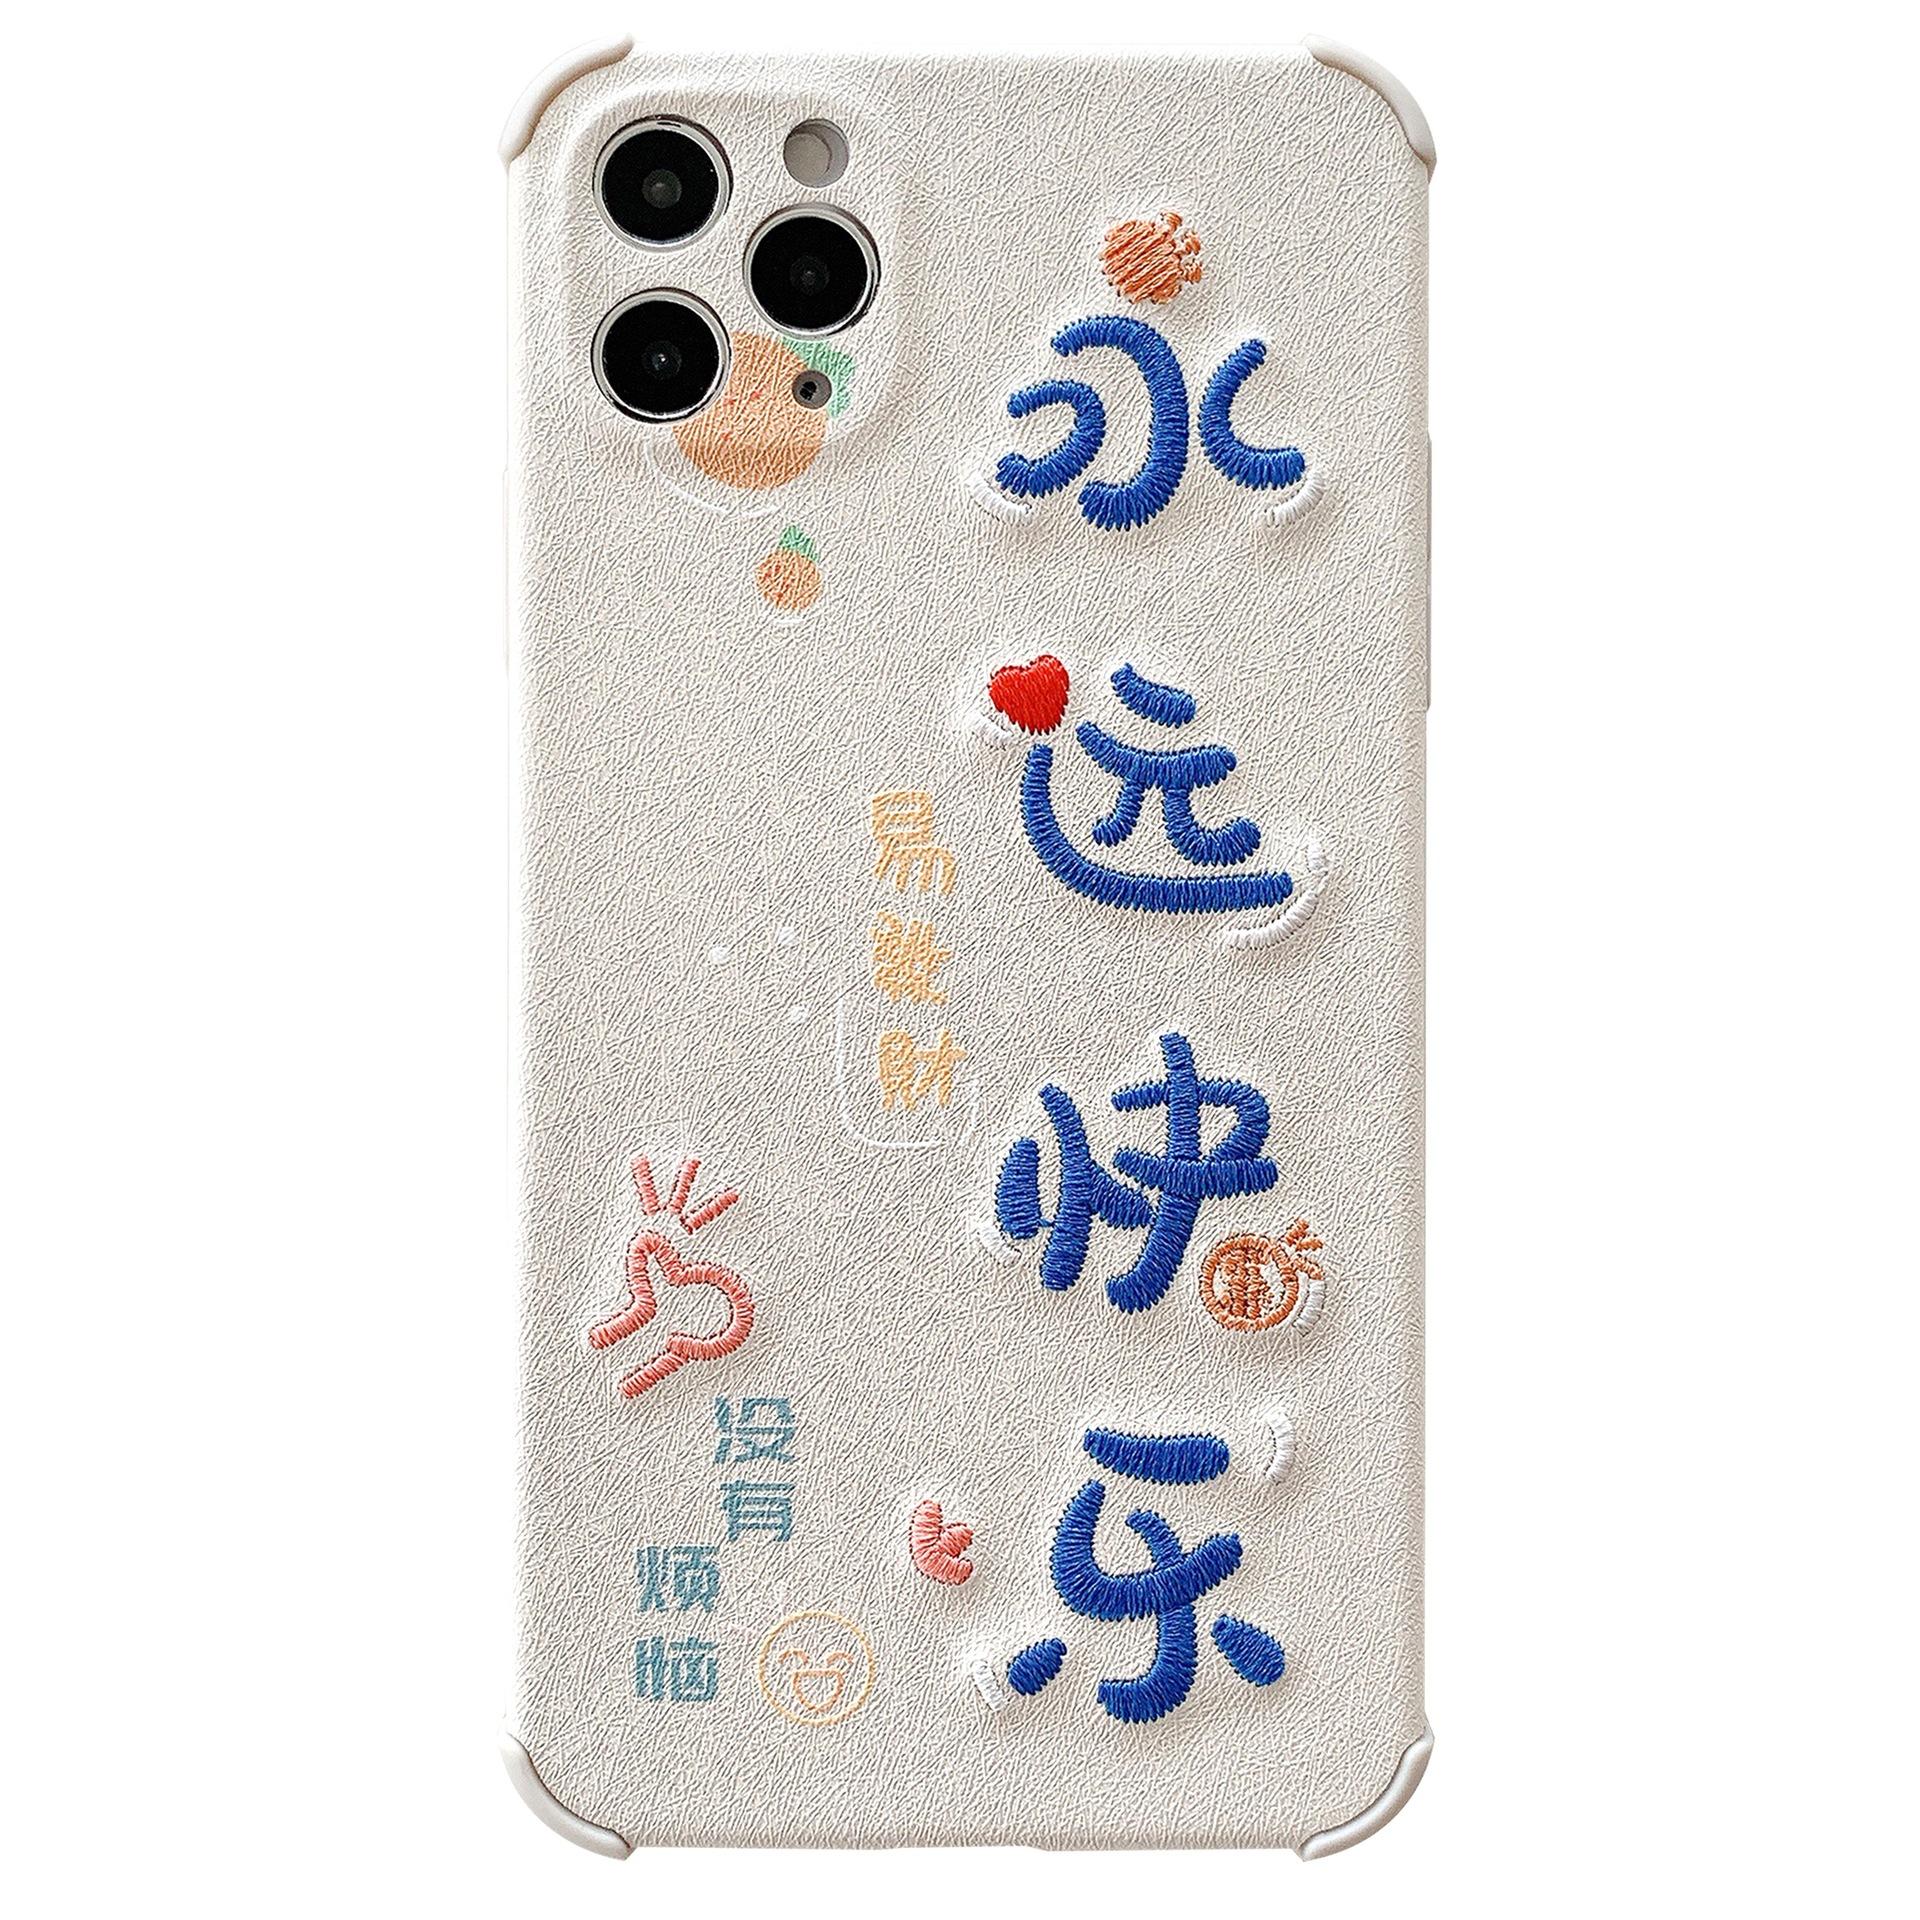 タオバオ仕入れ代行-ibuy99 iphone 适用iPhone 11手机壳新款四角防摔刺绣永远快乐苹果XSMAX保护套6S